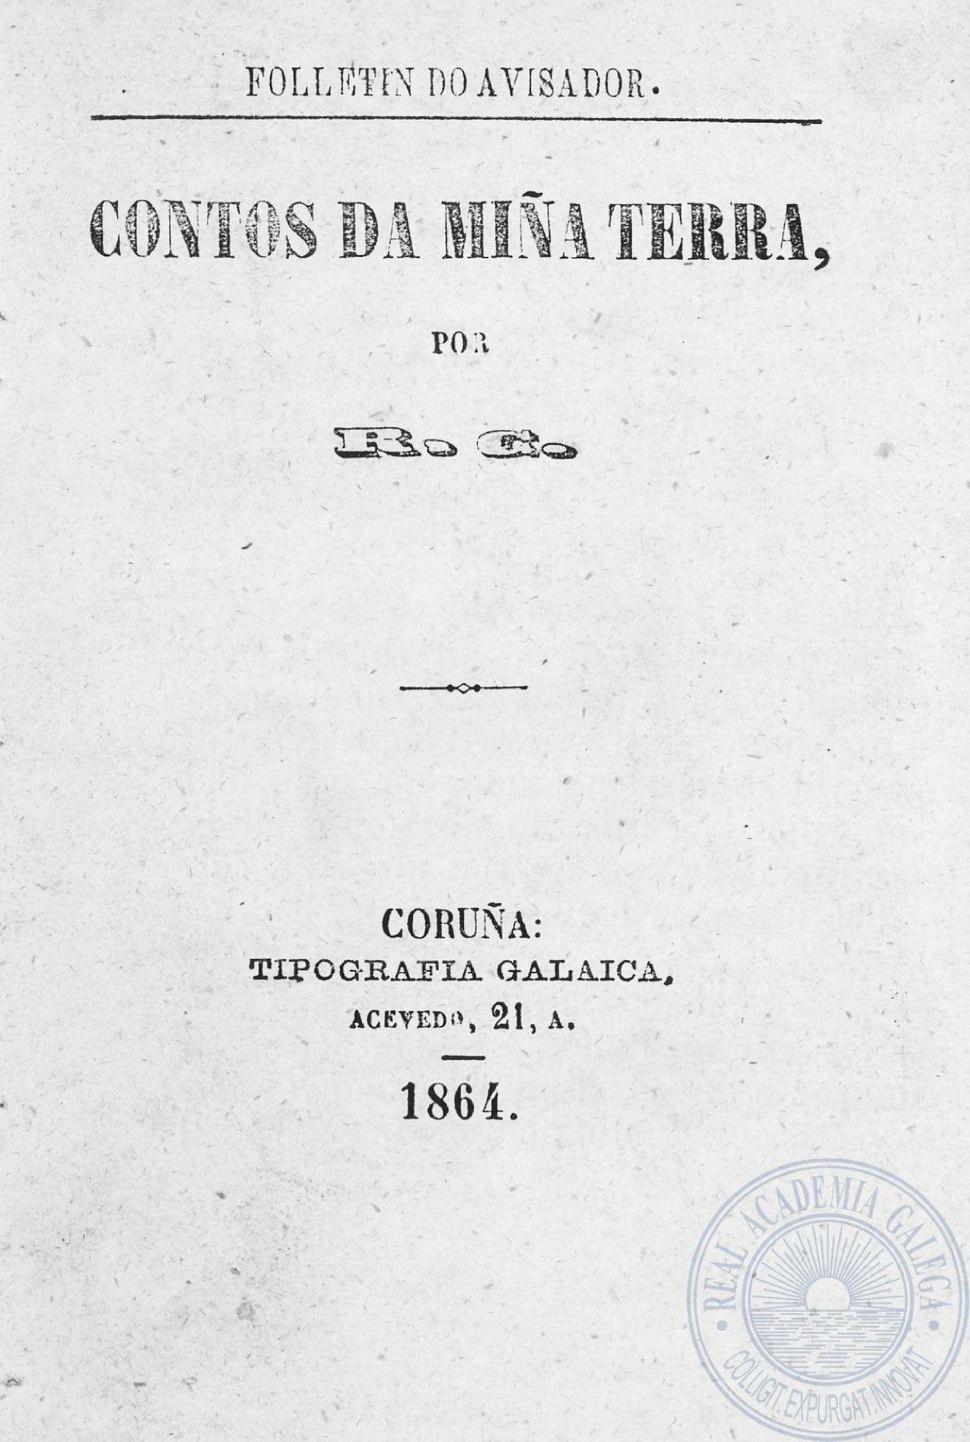 Contos da miña terra, 1864, despois publicado como Conto gallego.